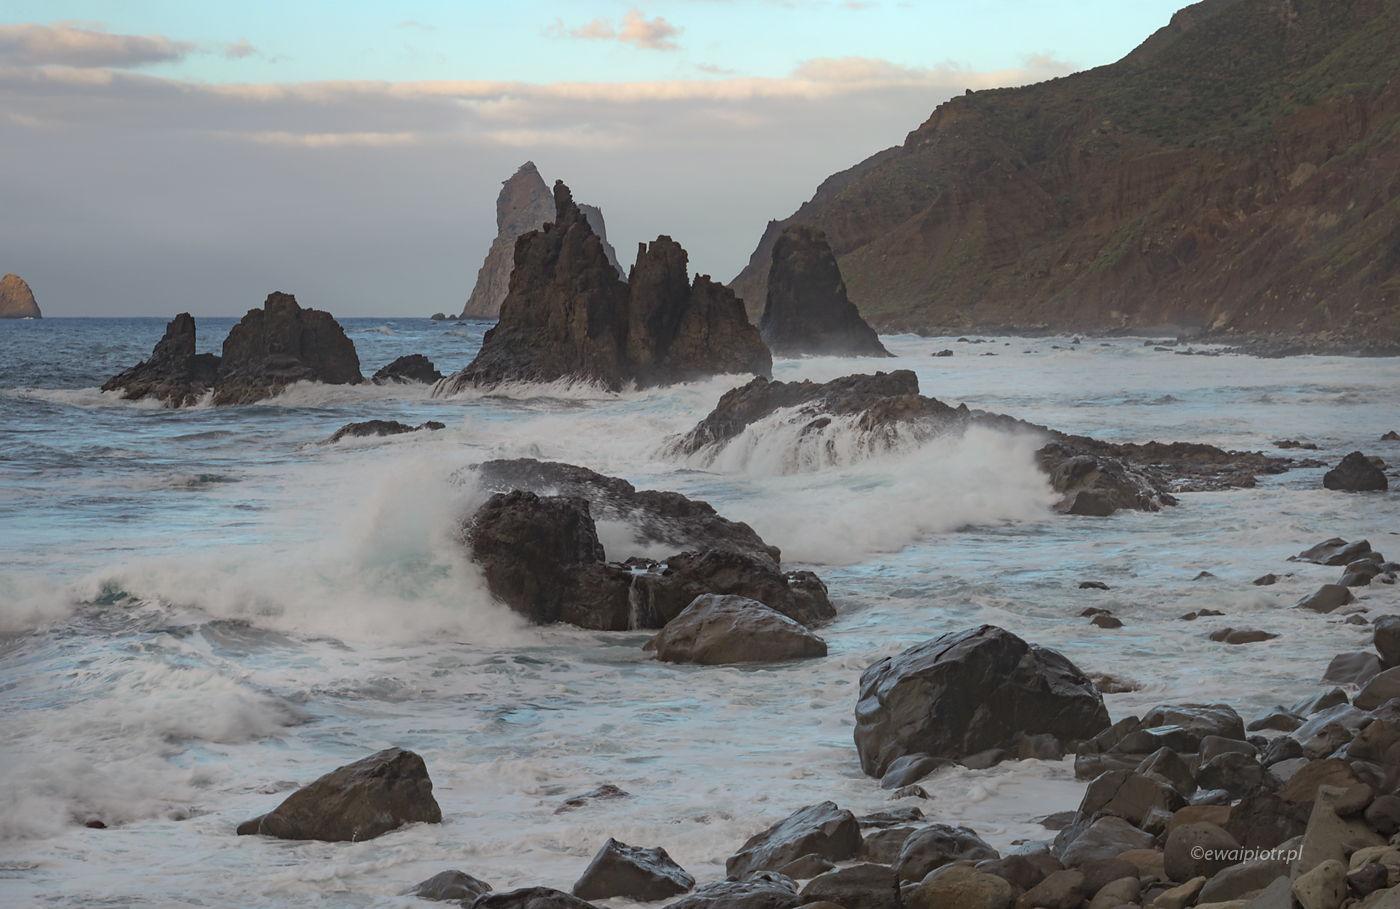 Najładniejsza plaża dla fotografów, Teneryfa, Wyspy Kanaryjskie